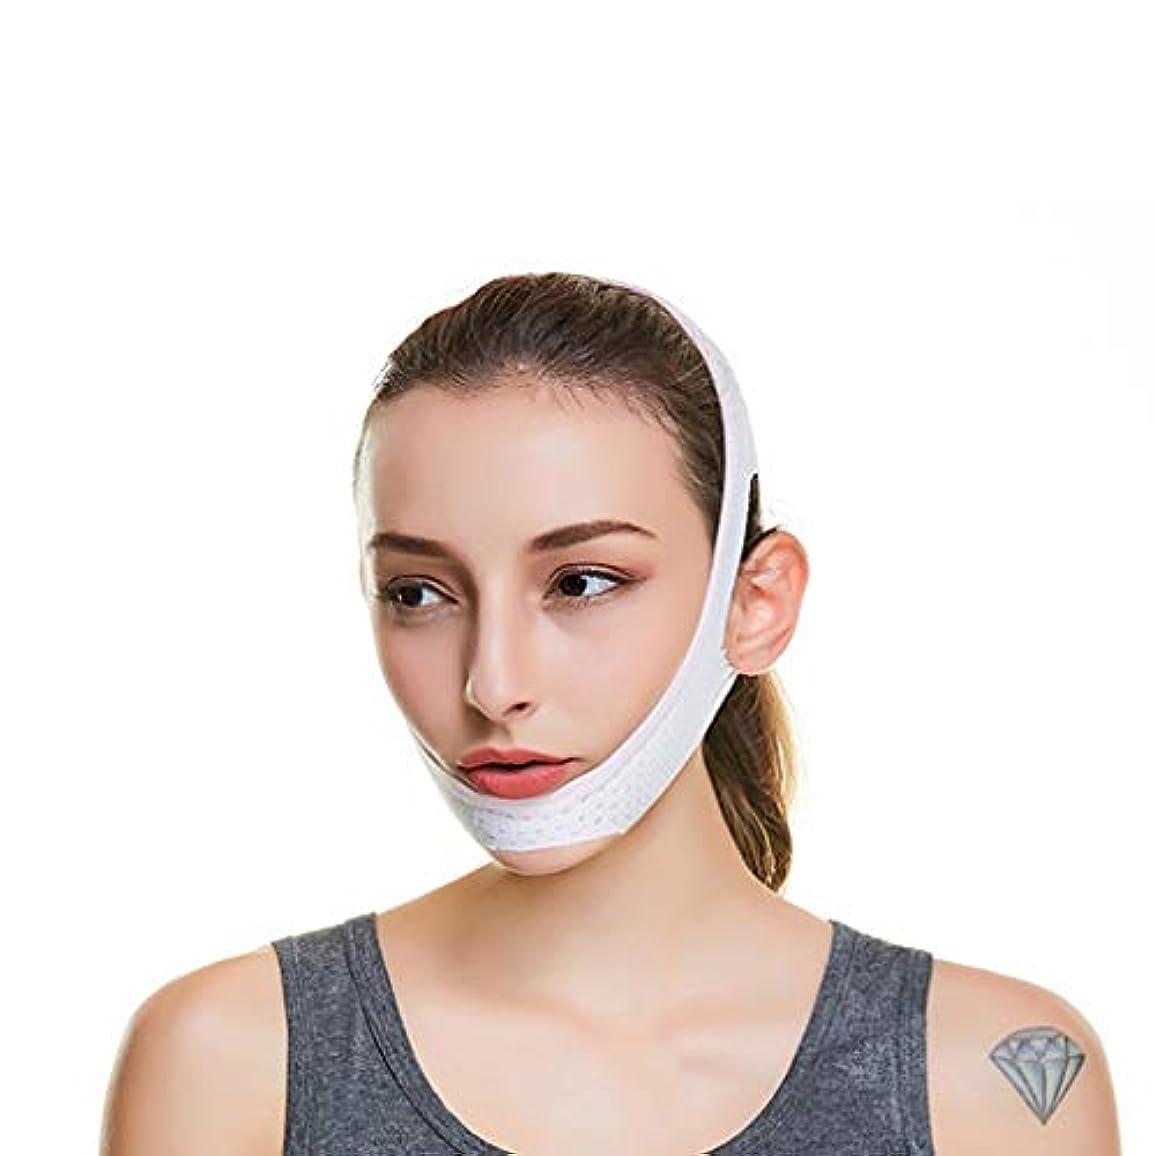 センサー取り囲む変化するJia He 軽量 薄い顔ベルト、Vフェイスアーティファクト通気性睡眠包帯フェイシャル?二重あごのリフトアンチリンクルフェイスベルト ## (Color : White)